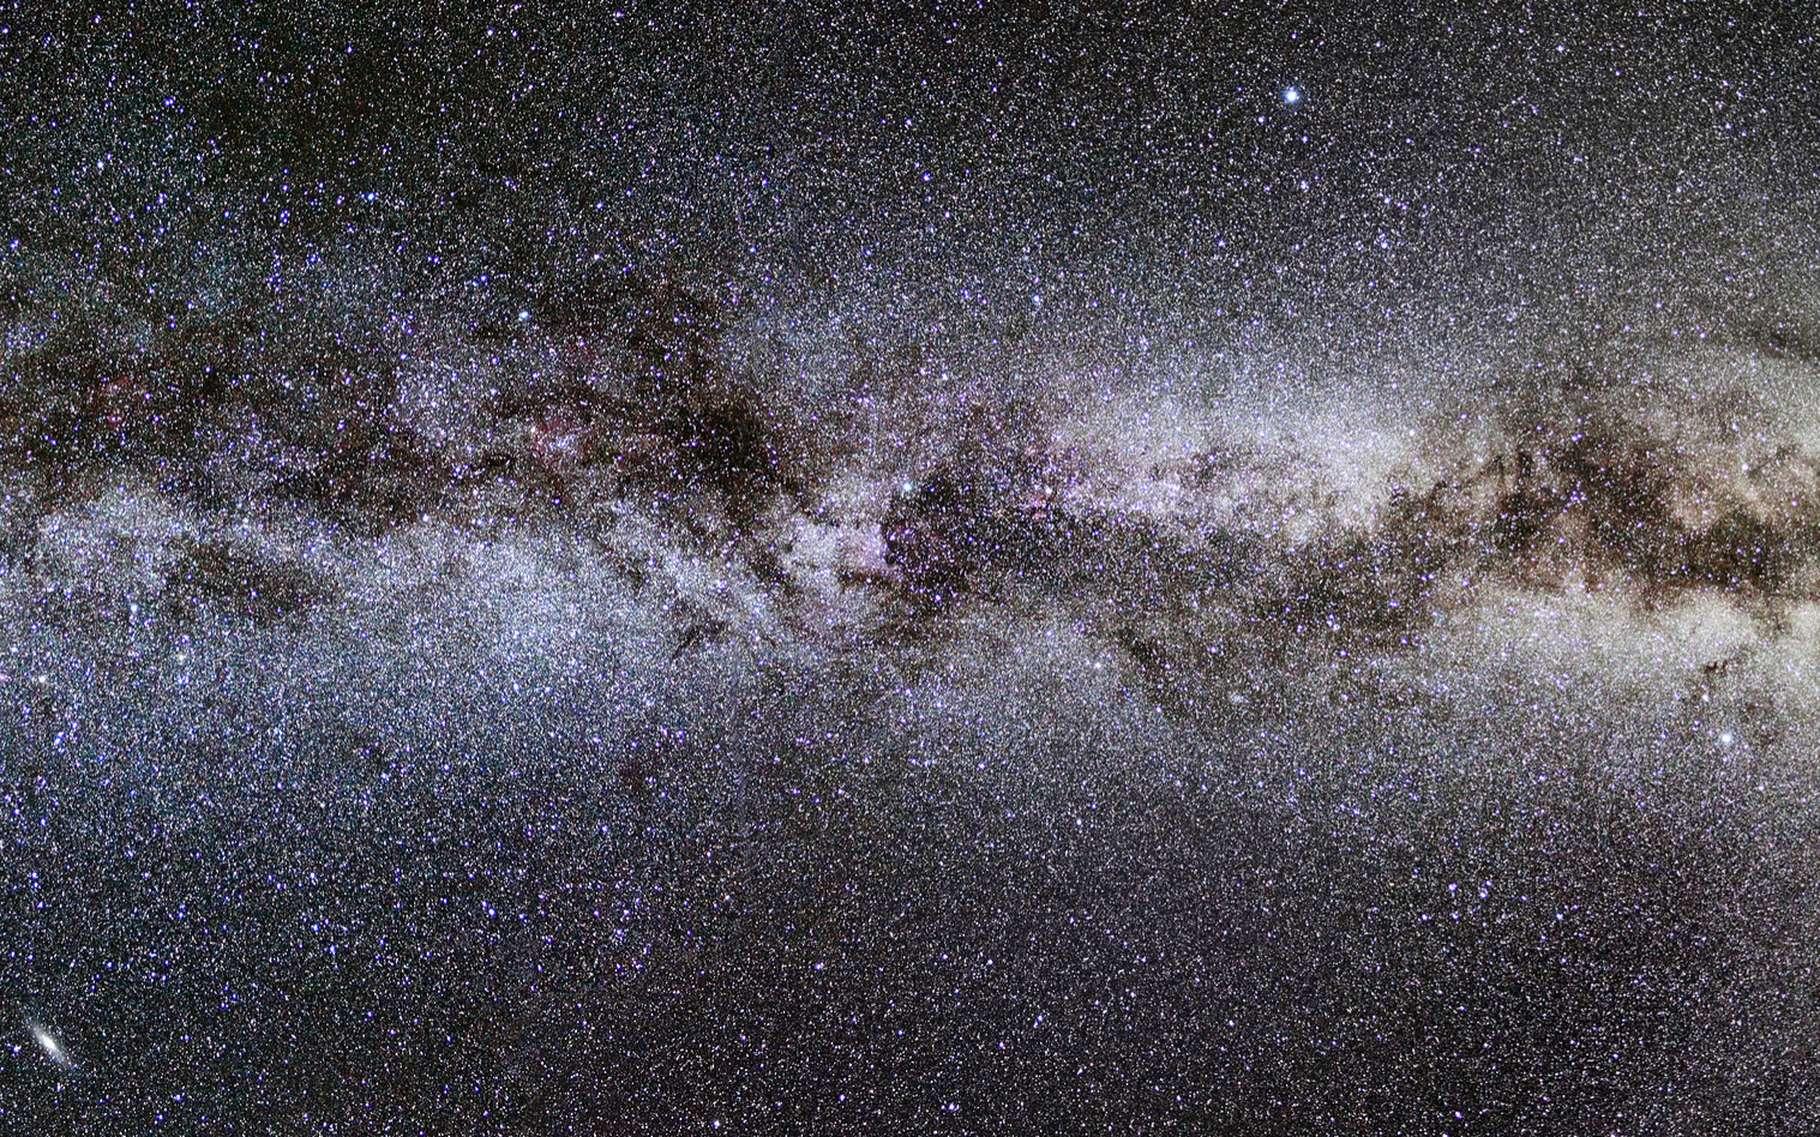 À quoi ressemble notre univers ? © mironov, Shutterstock